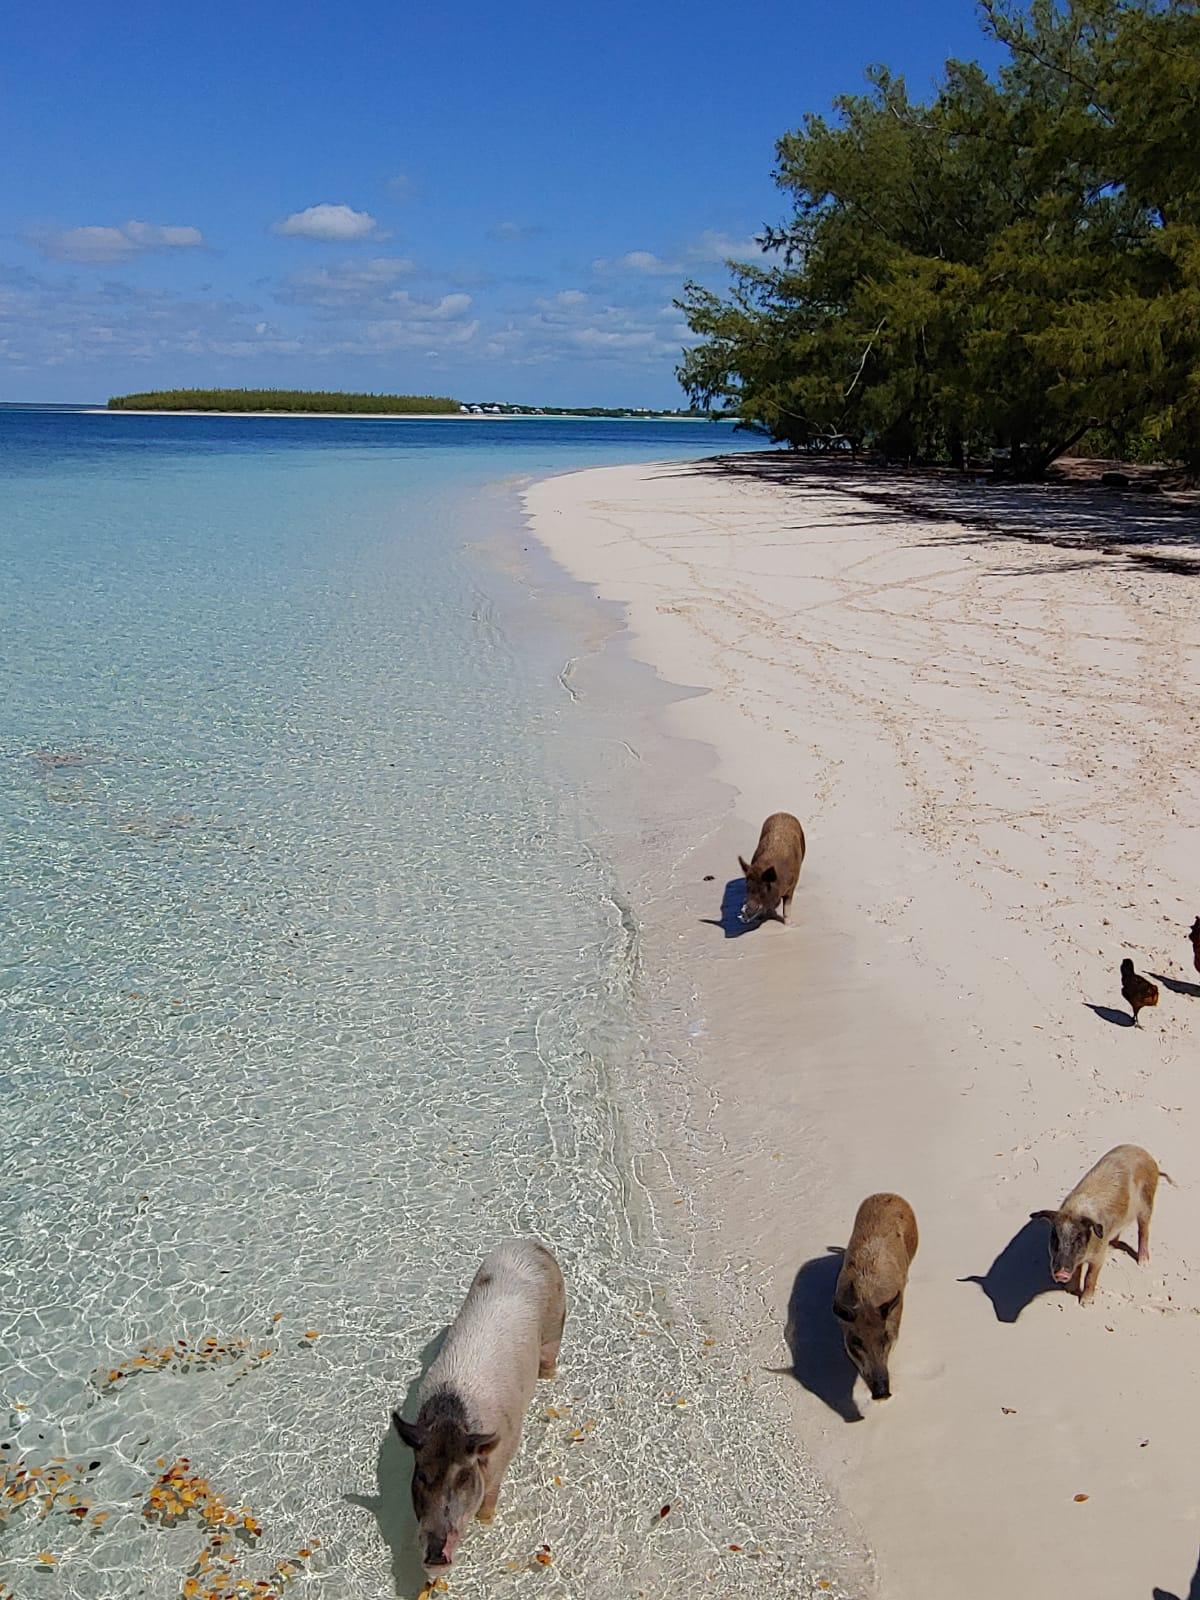 Pigs-on-beach-10